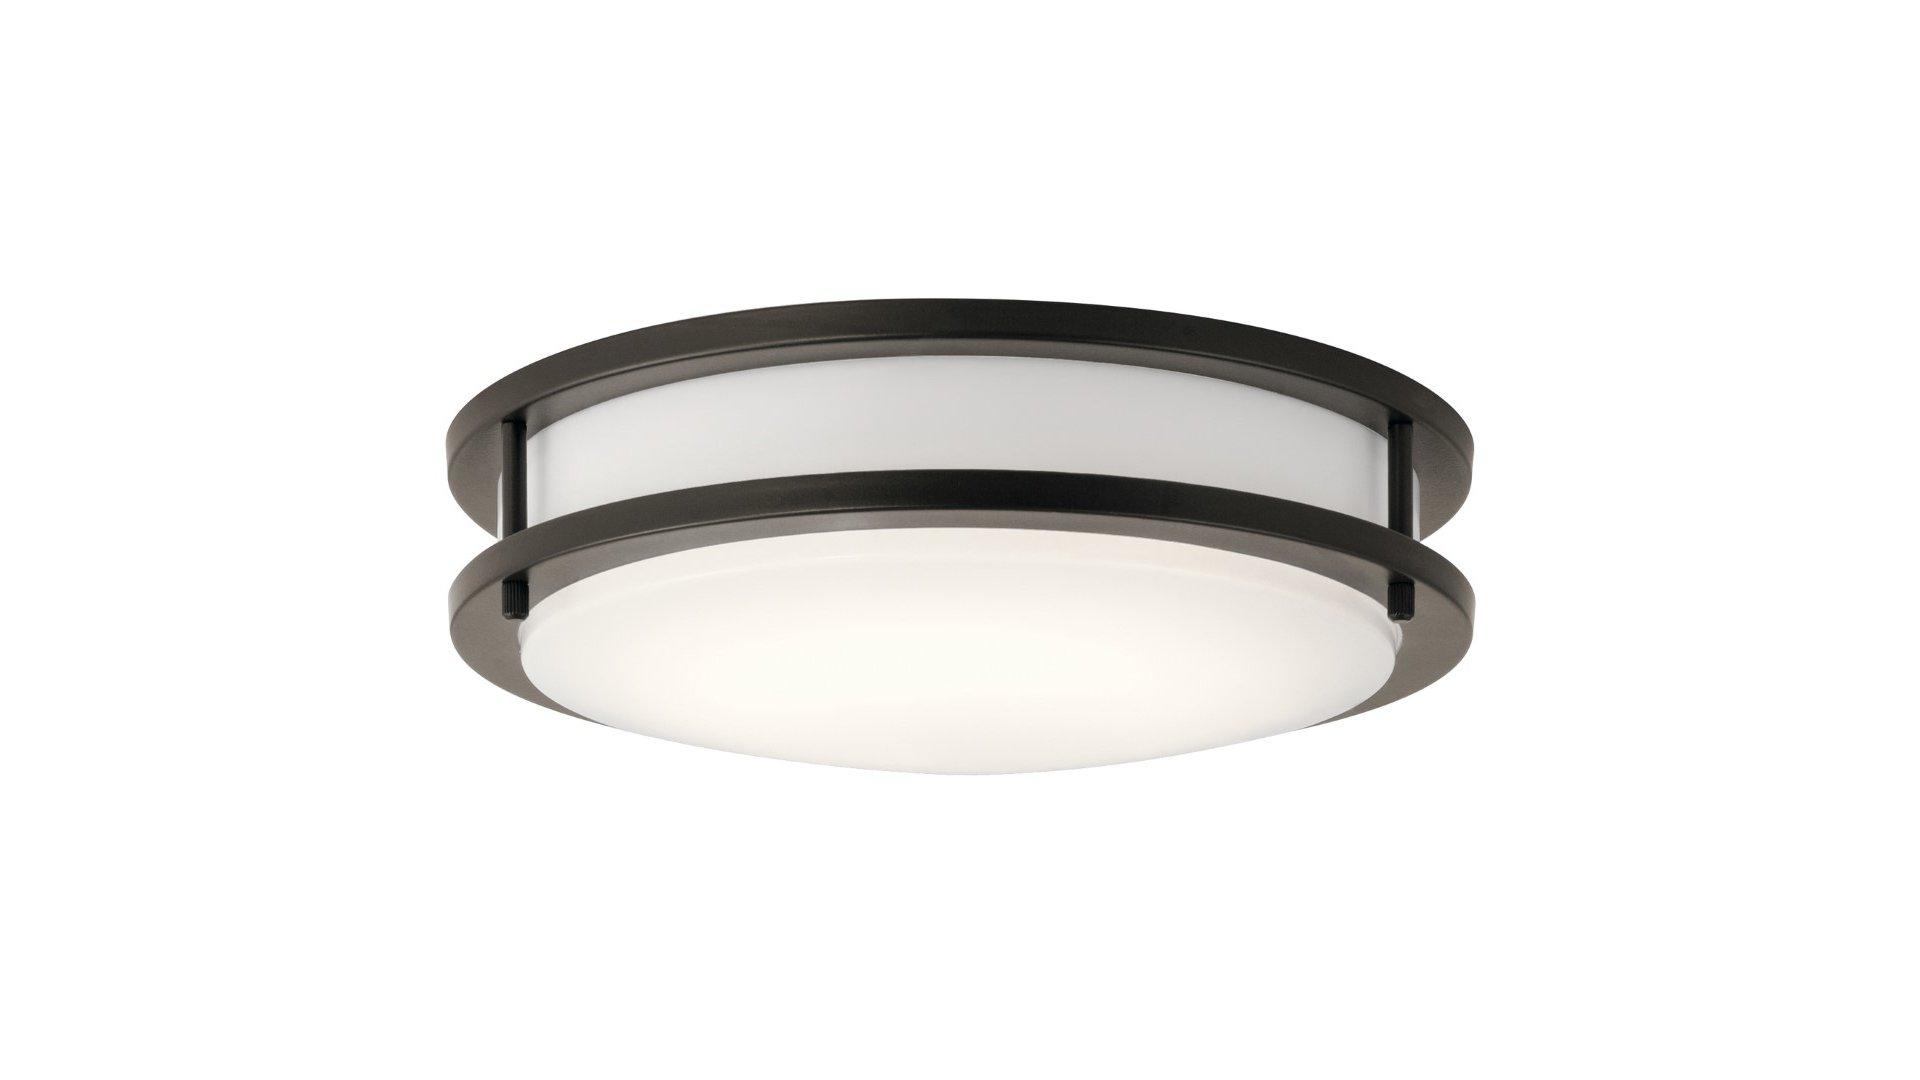 Kichler Lighting Model 10784ozled 1078 Ceiling Light Fixture Olde Bronze White Finish